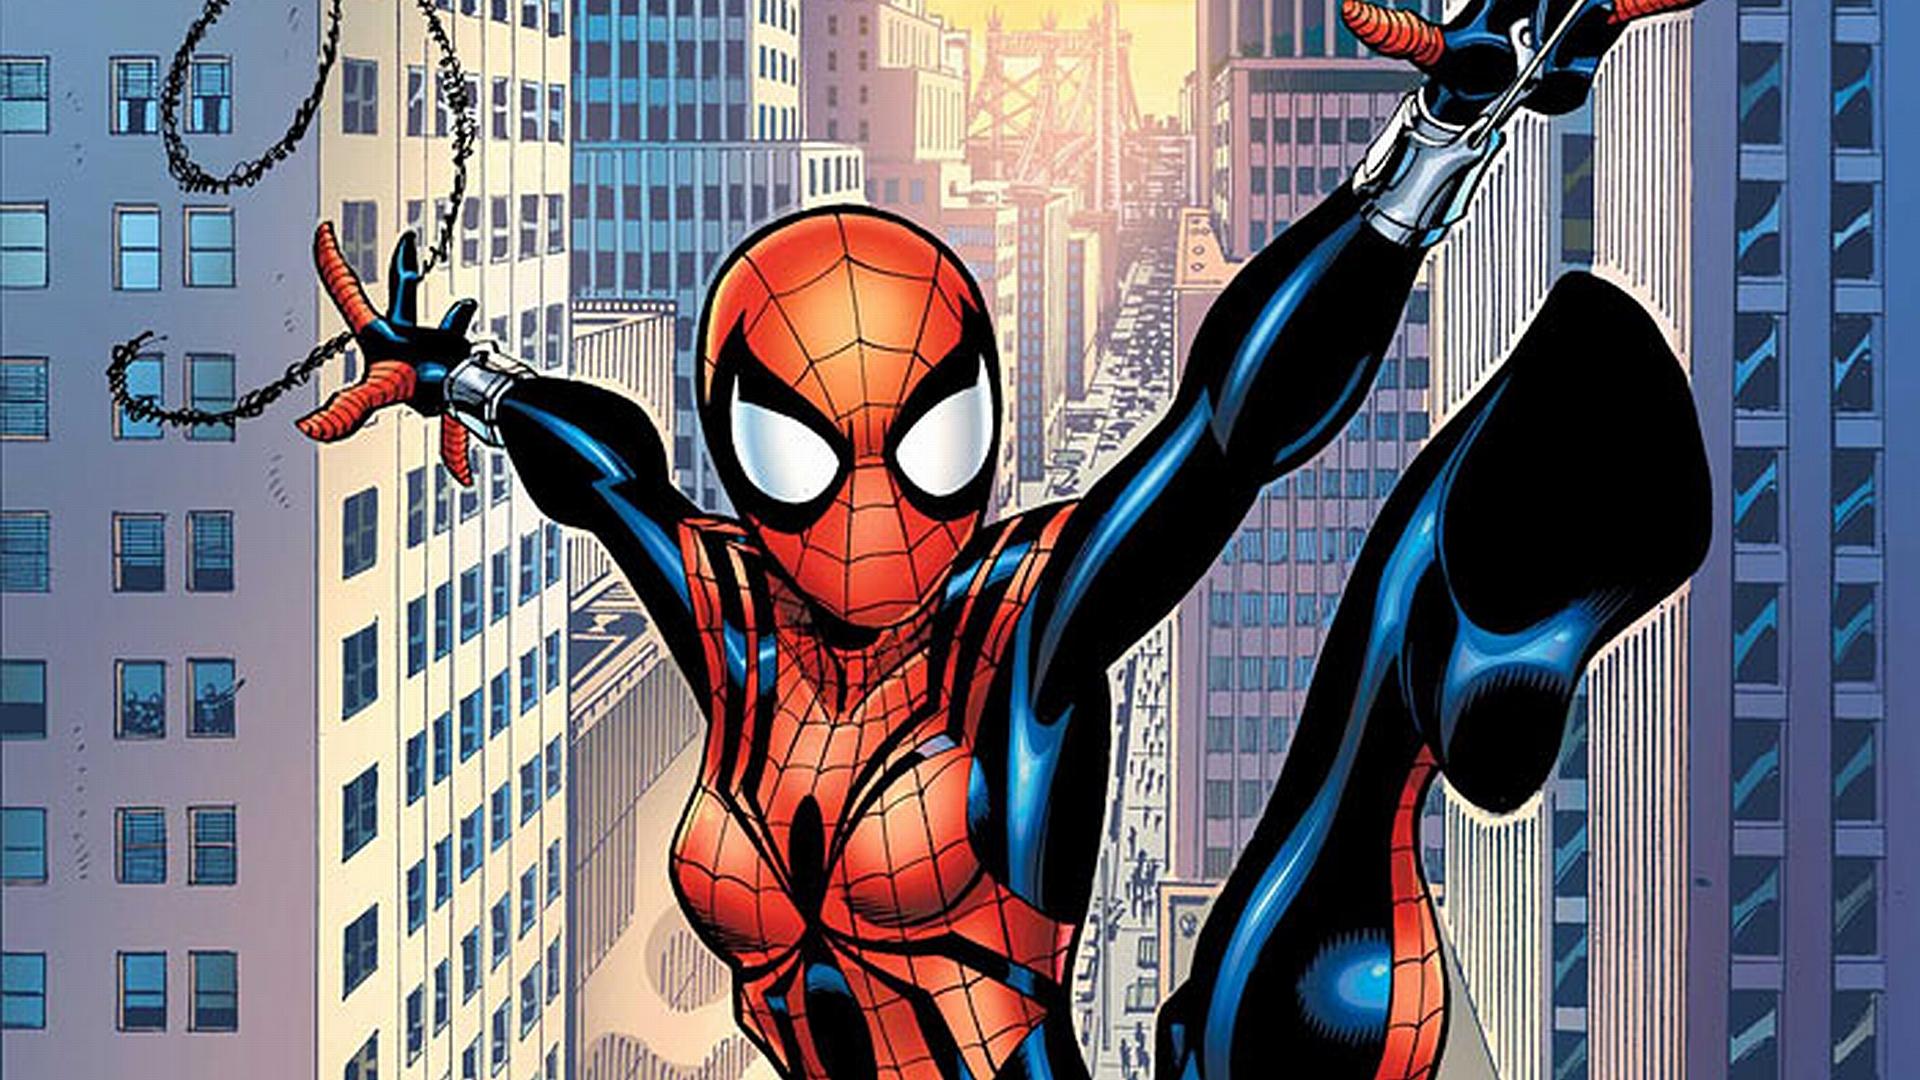 spider-girl_wallpaper_background_20317.jpg